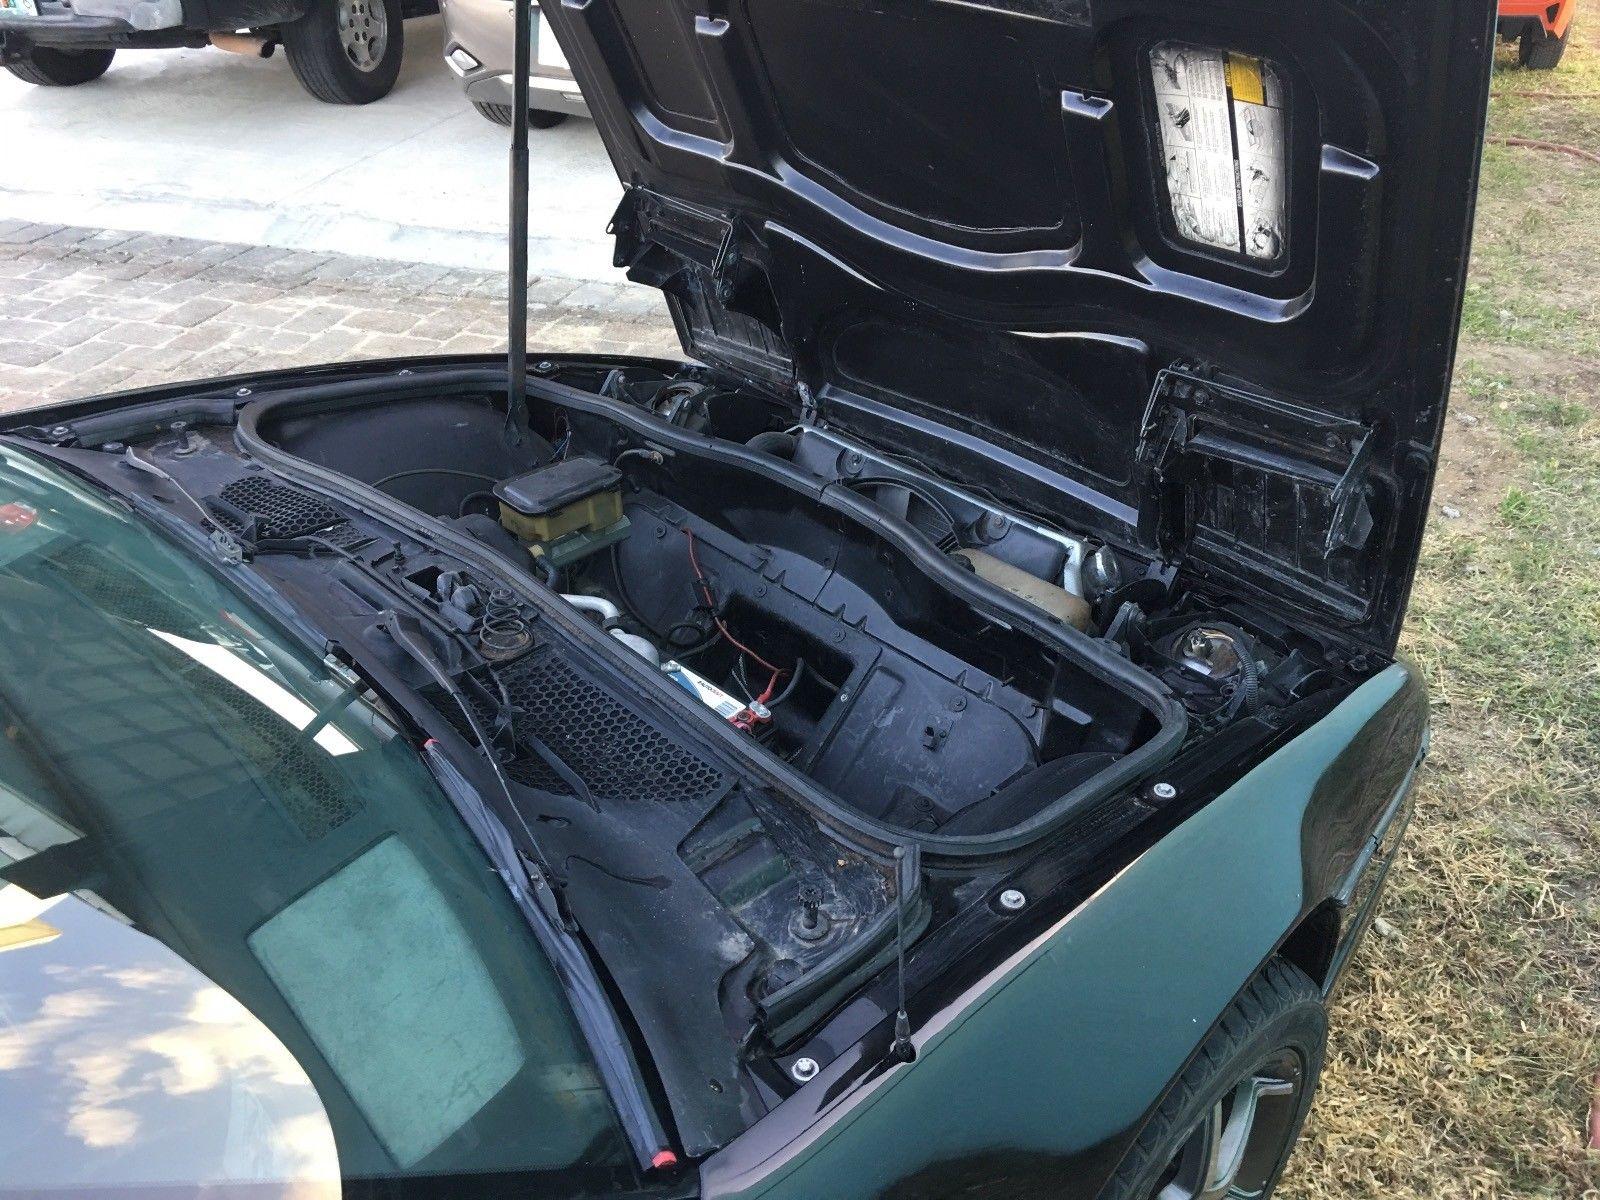 1986 Pontiac Fiero trunk